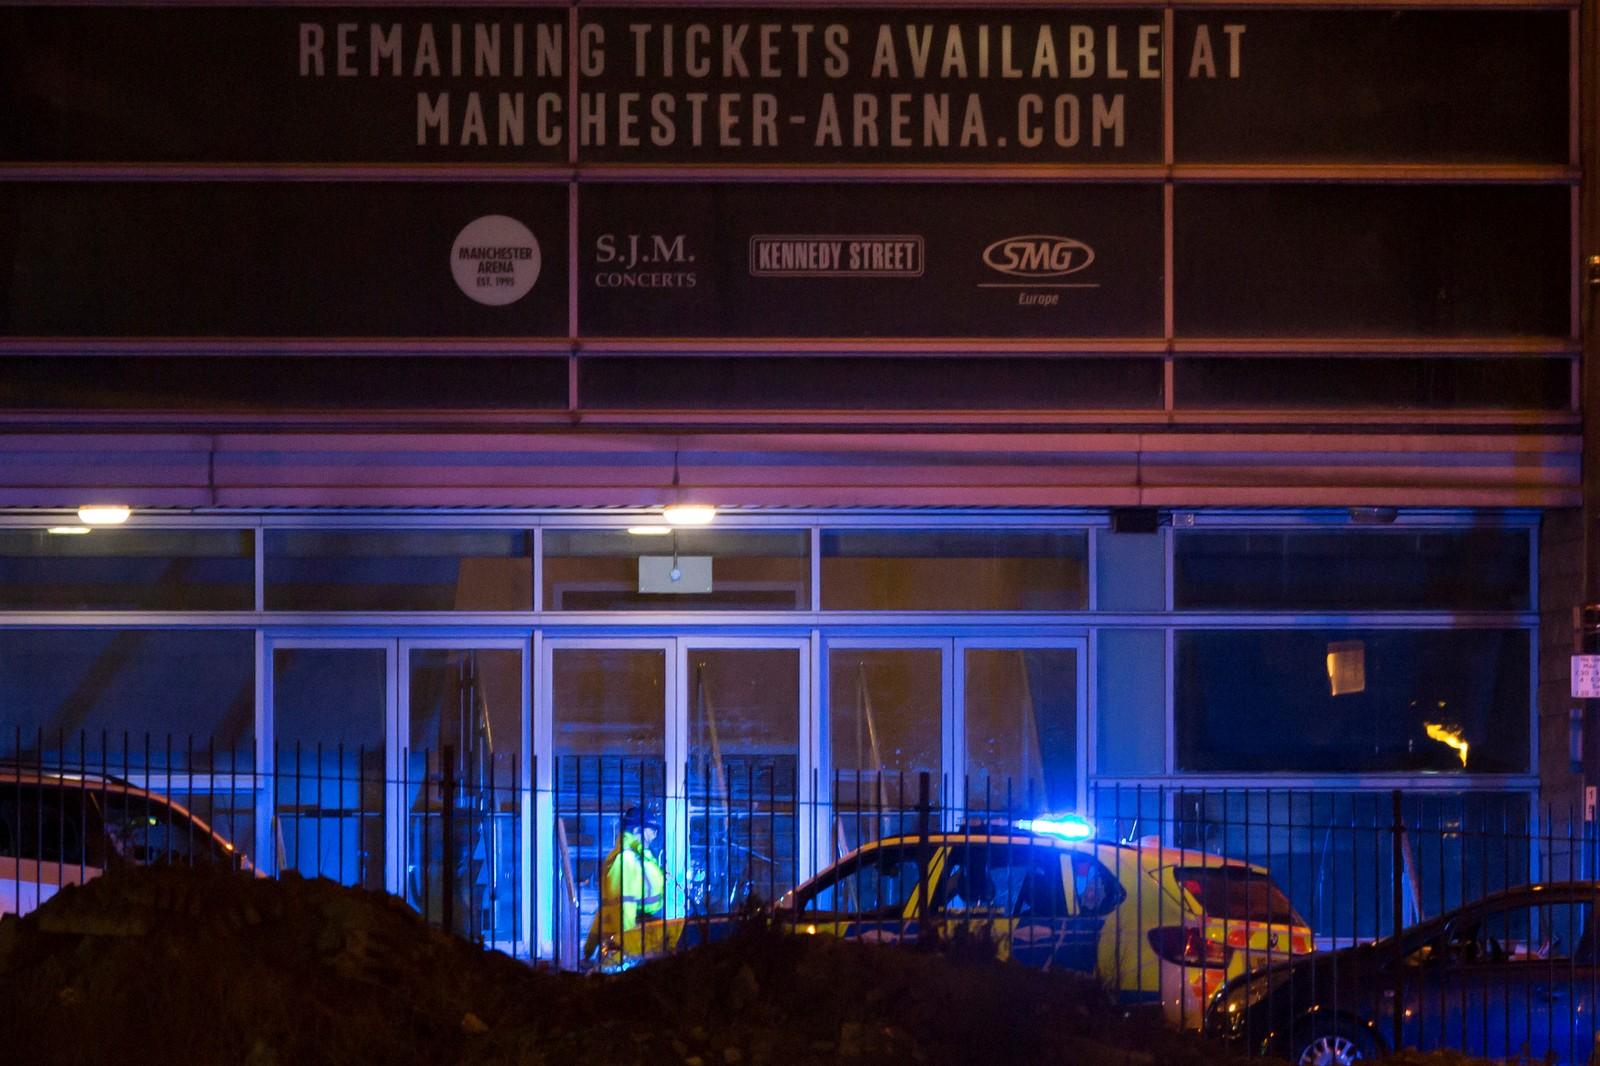 Ifølge arrangørene skal eksplosjonen ha skjedd utenfor arenaen da konserten var ferdig.